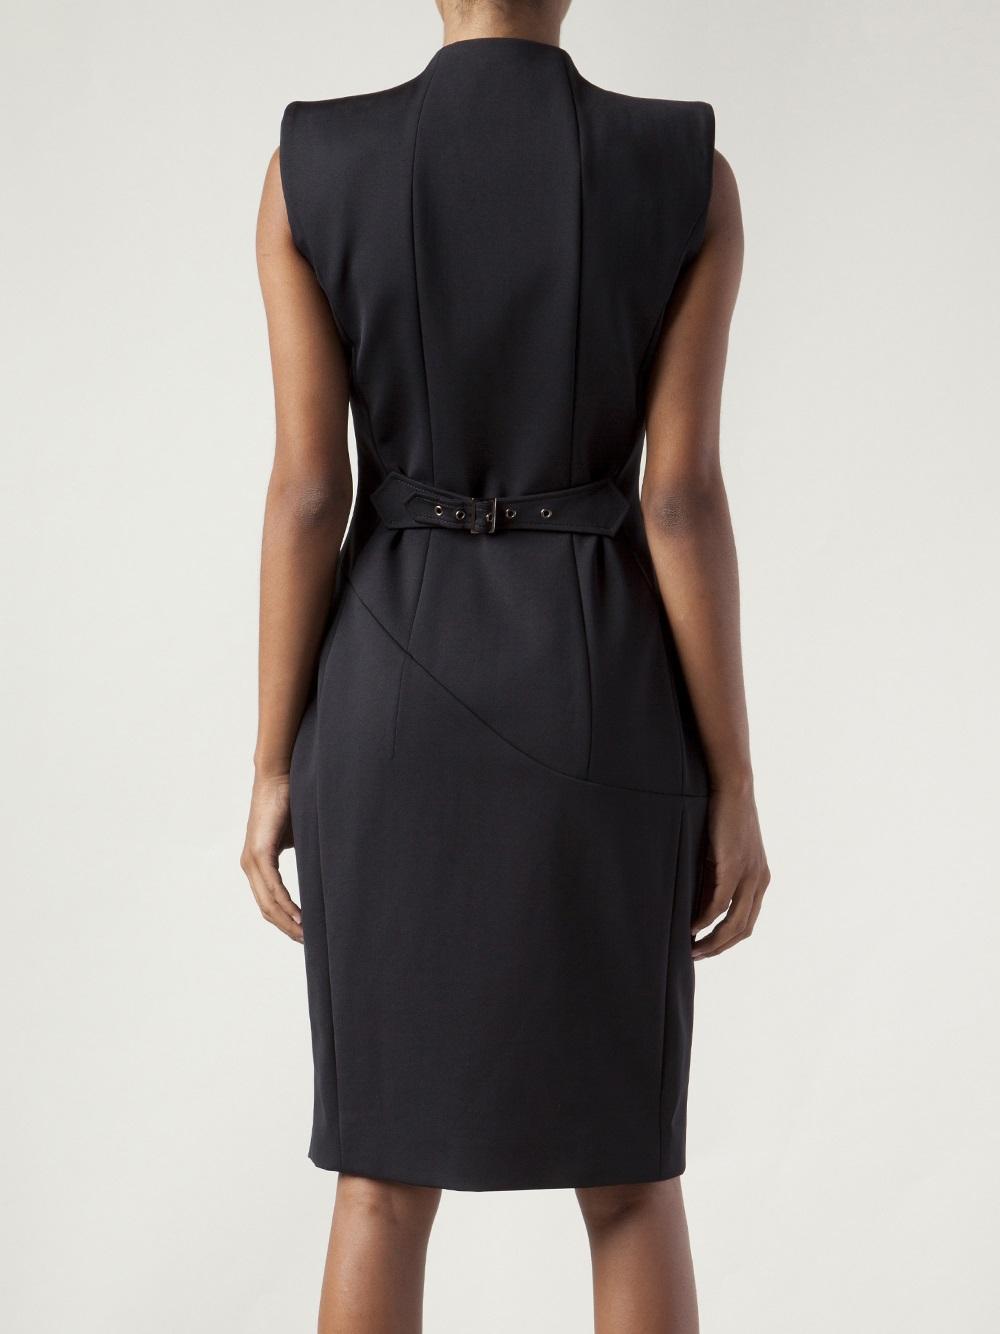 Altuzarra Double Breasted Button Dress In Black Lyst